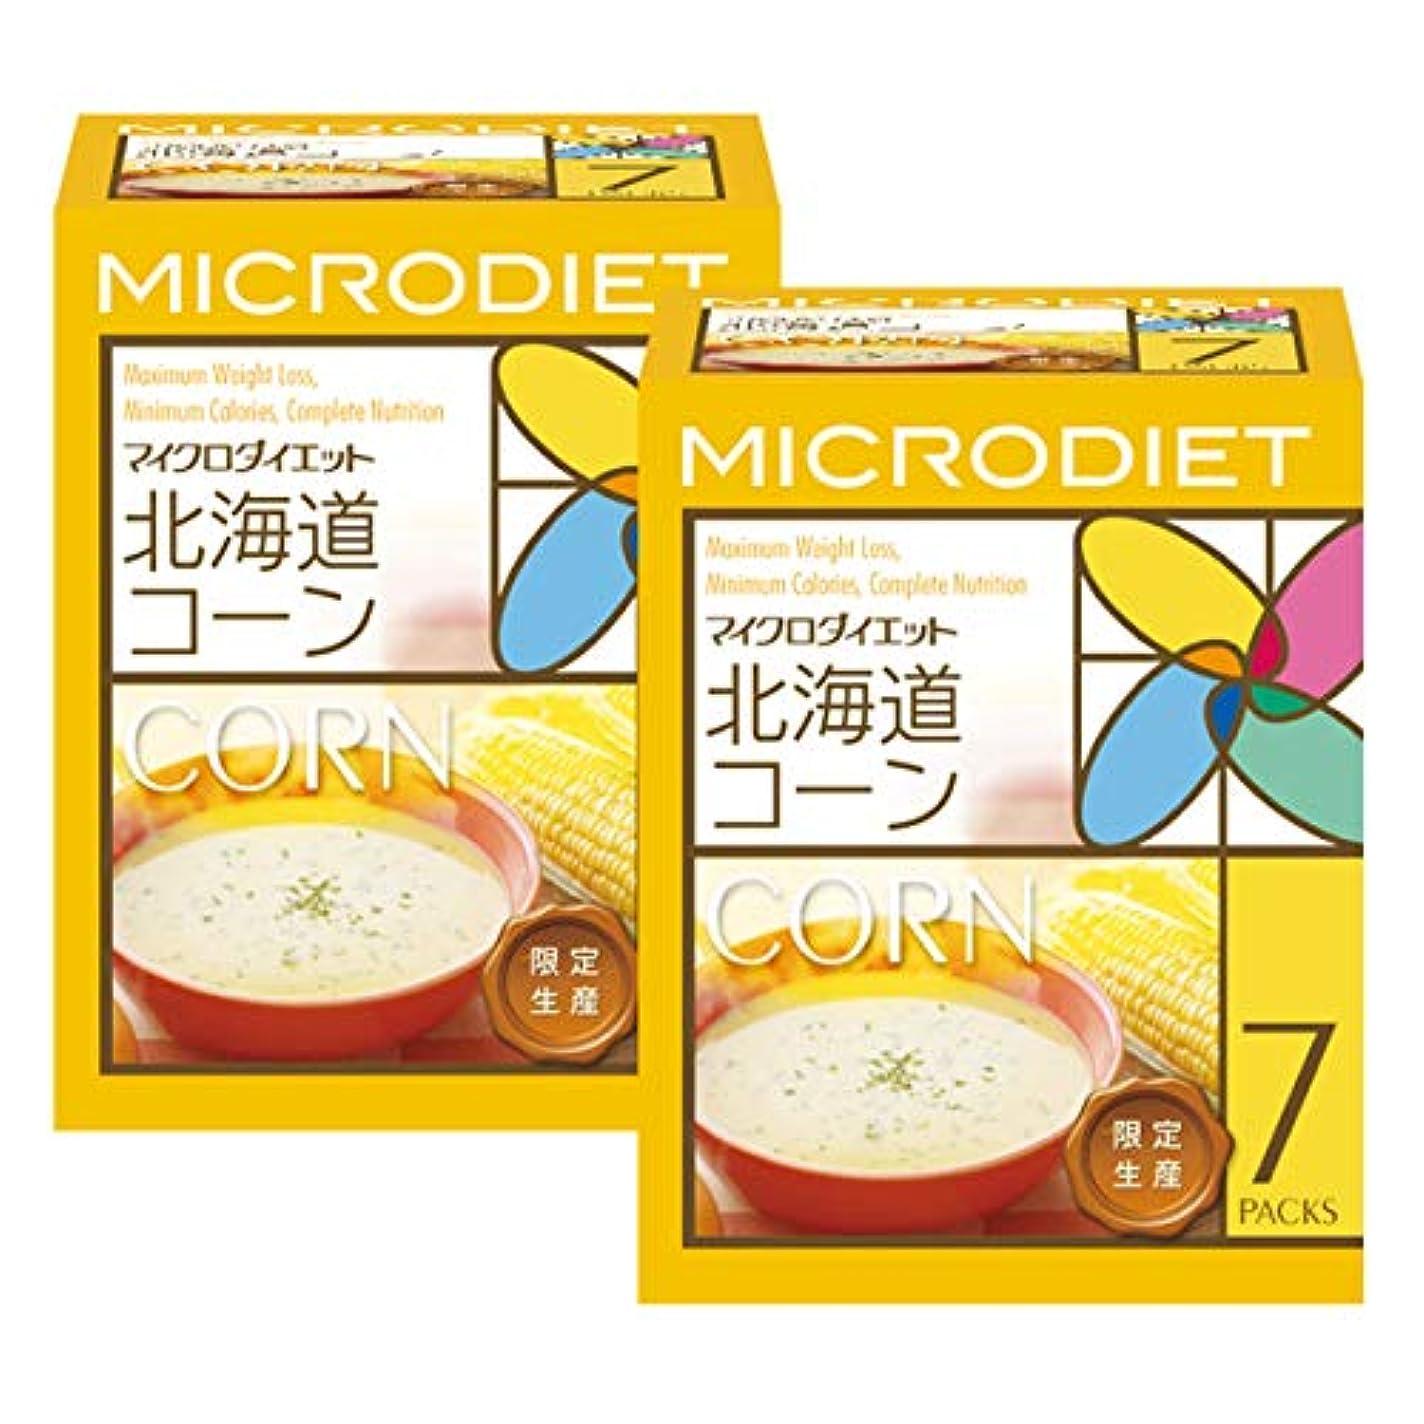 蒸発するペインティング恥ずかしさマイクロダイエット 限定生産[北海道コーン] (14食)6AMA2-07433